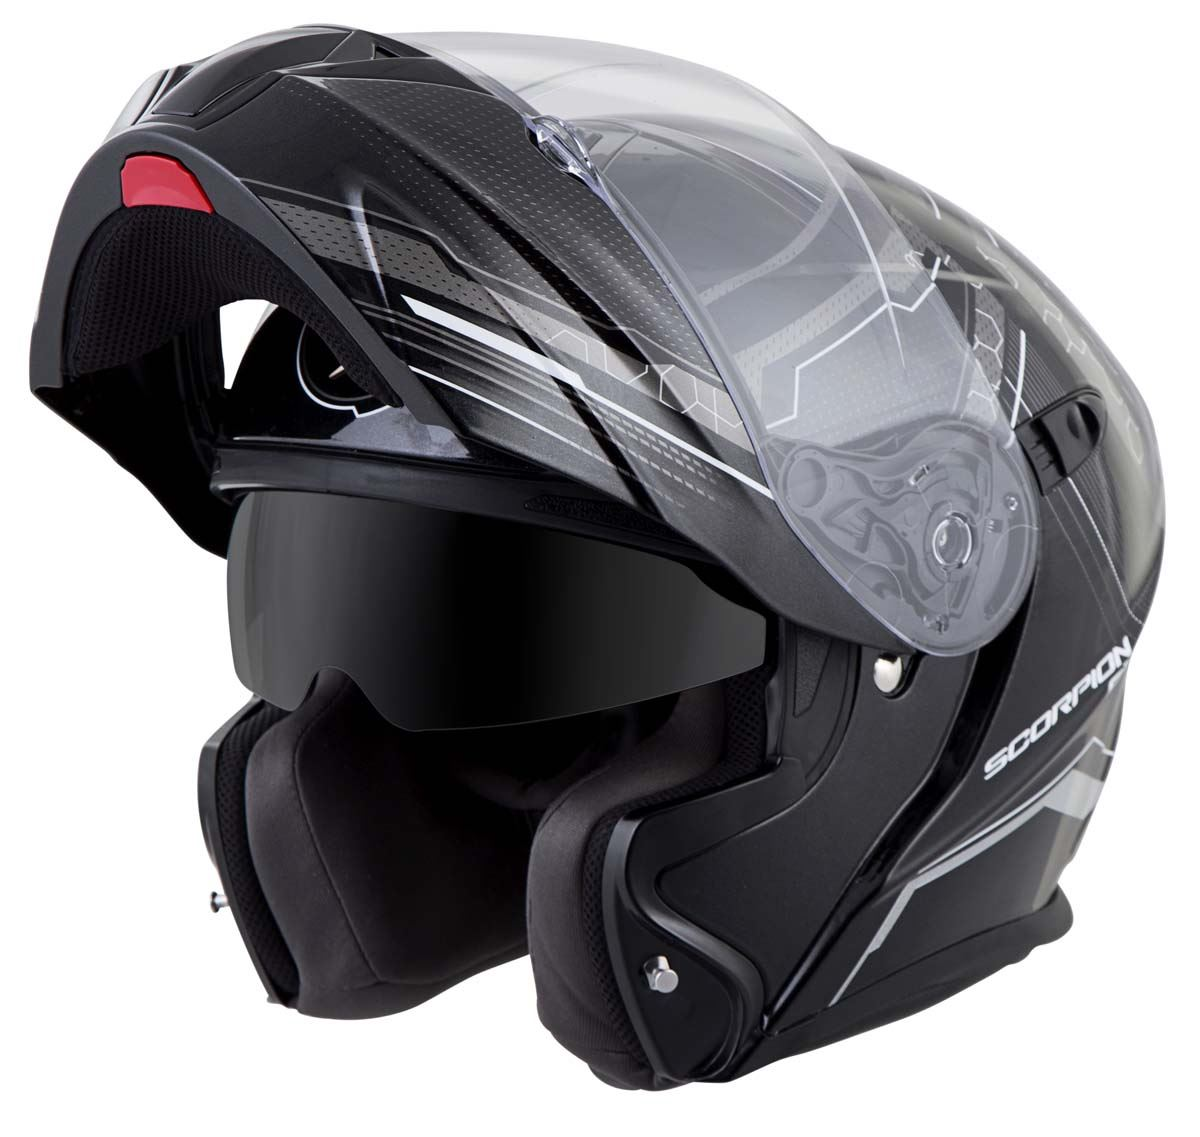 Scorpion-EXO-GT920-Helmet-Sport-Touring-Modular-Flip-Up-DOT-Approved-XS-3XL miniature 18